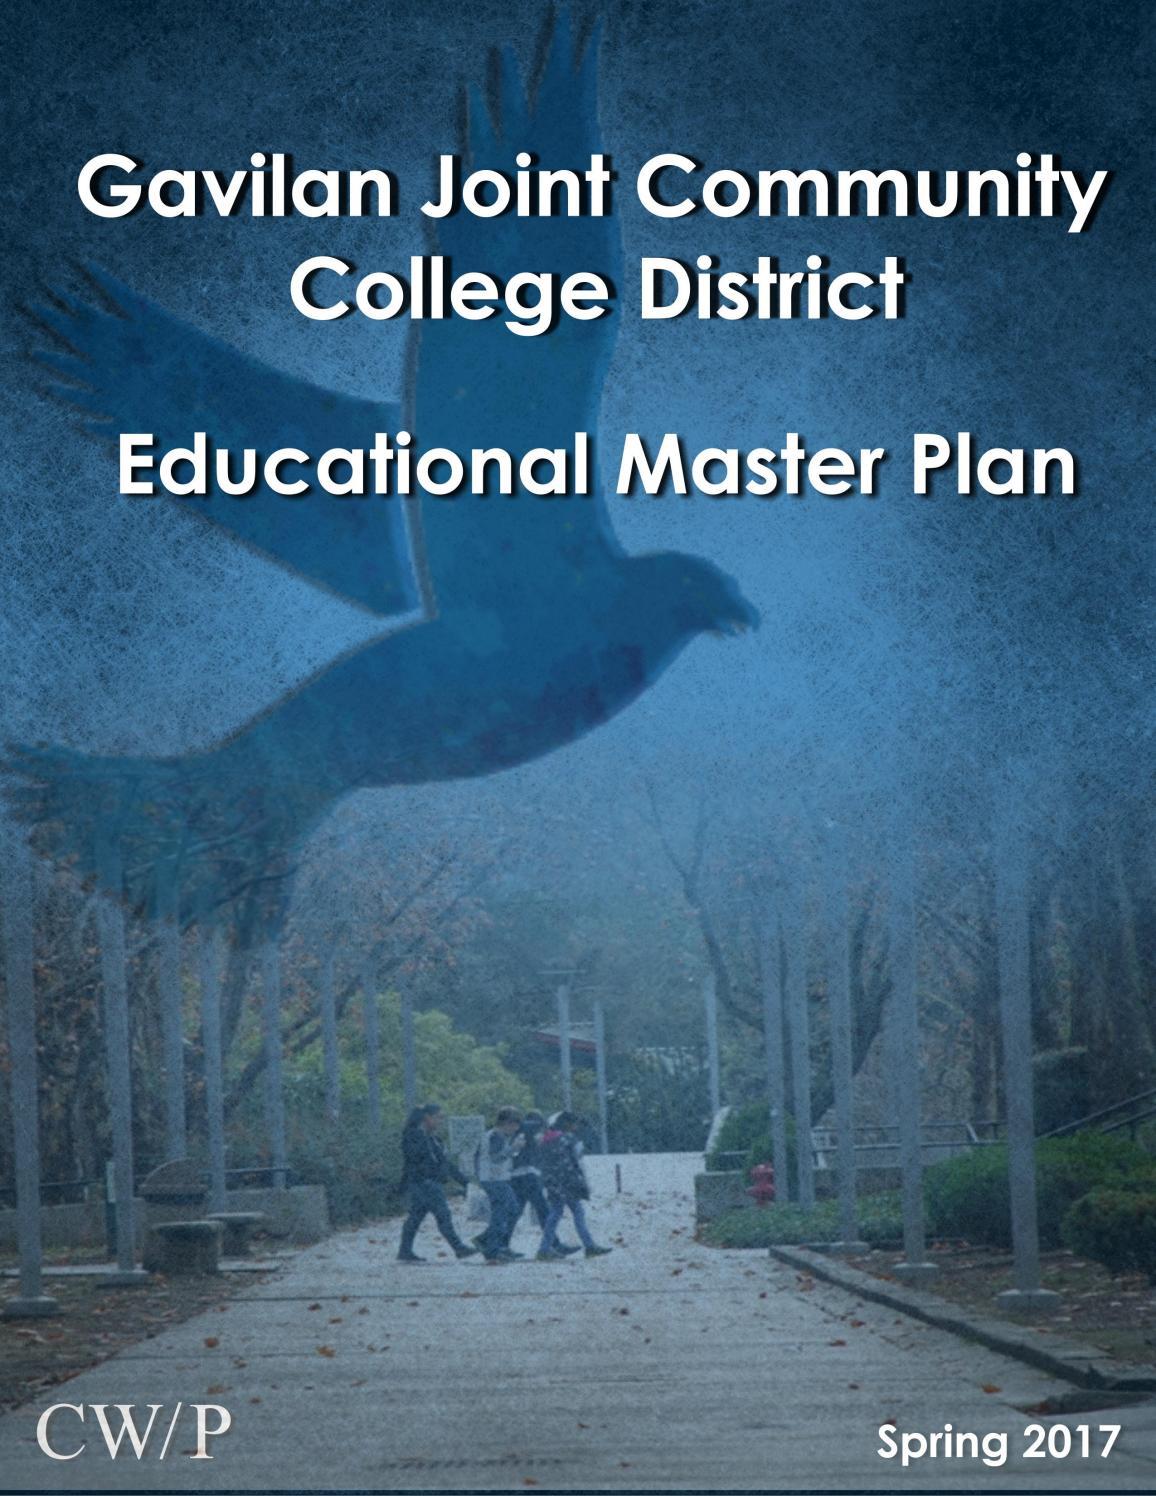 Gavilan College Educational Master Plan 2017 by Gavilan